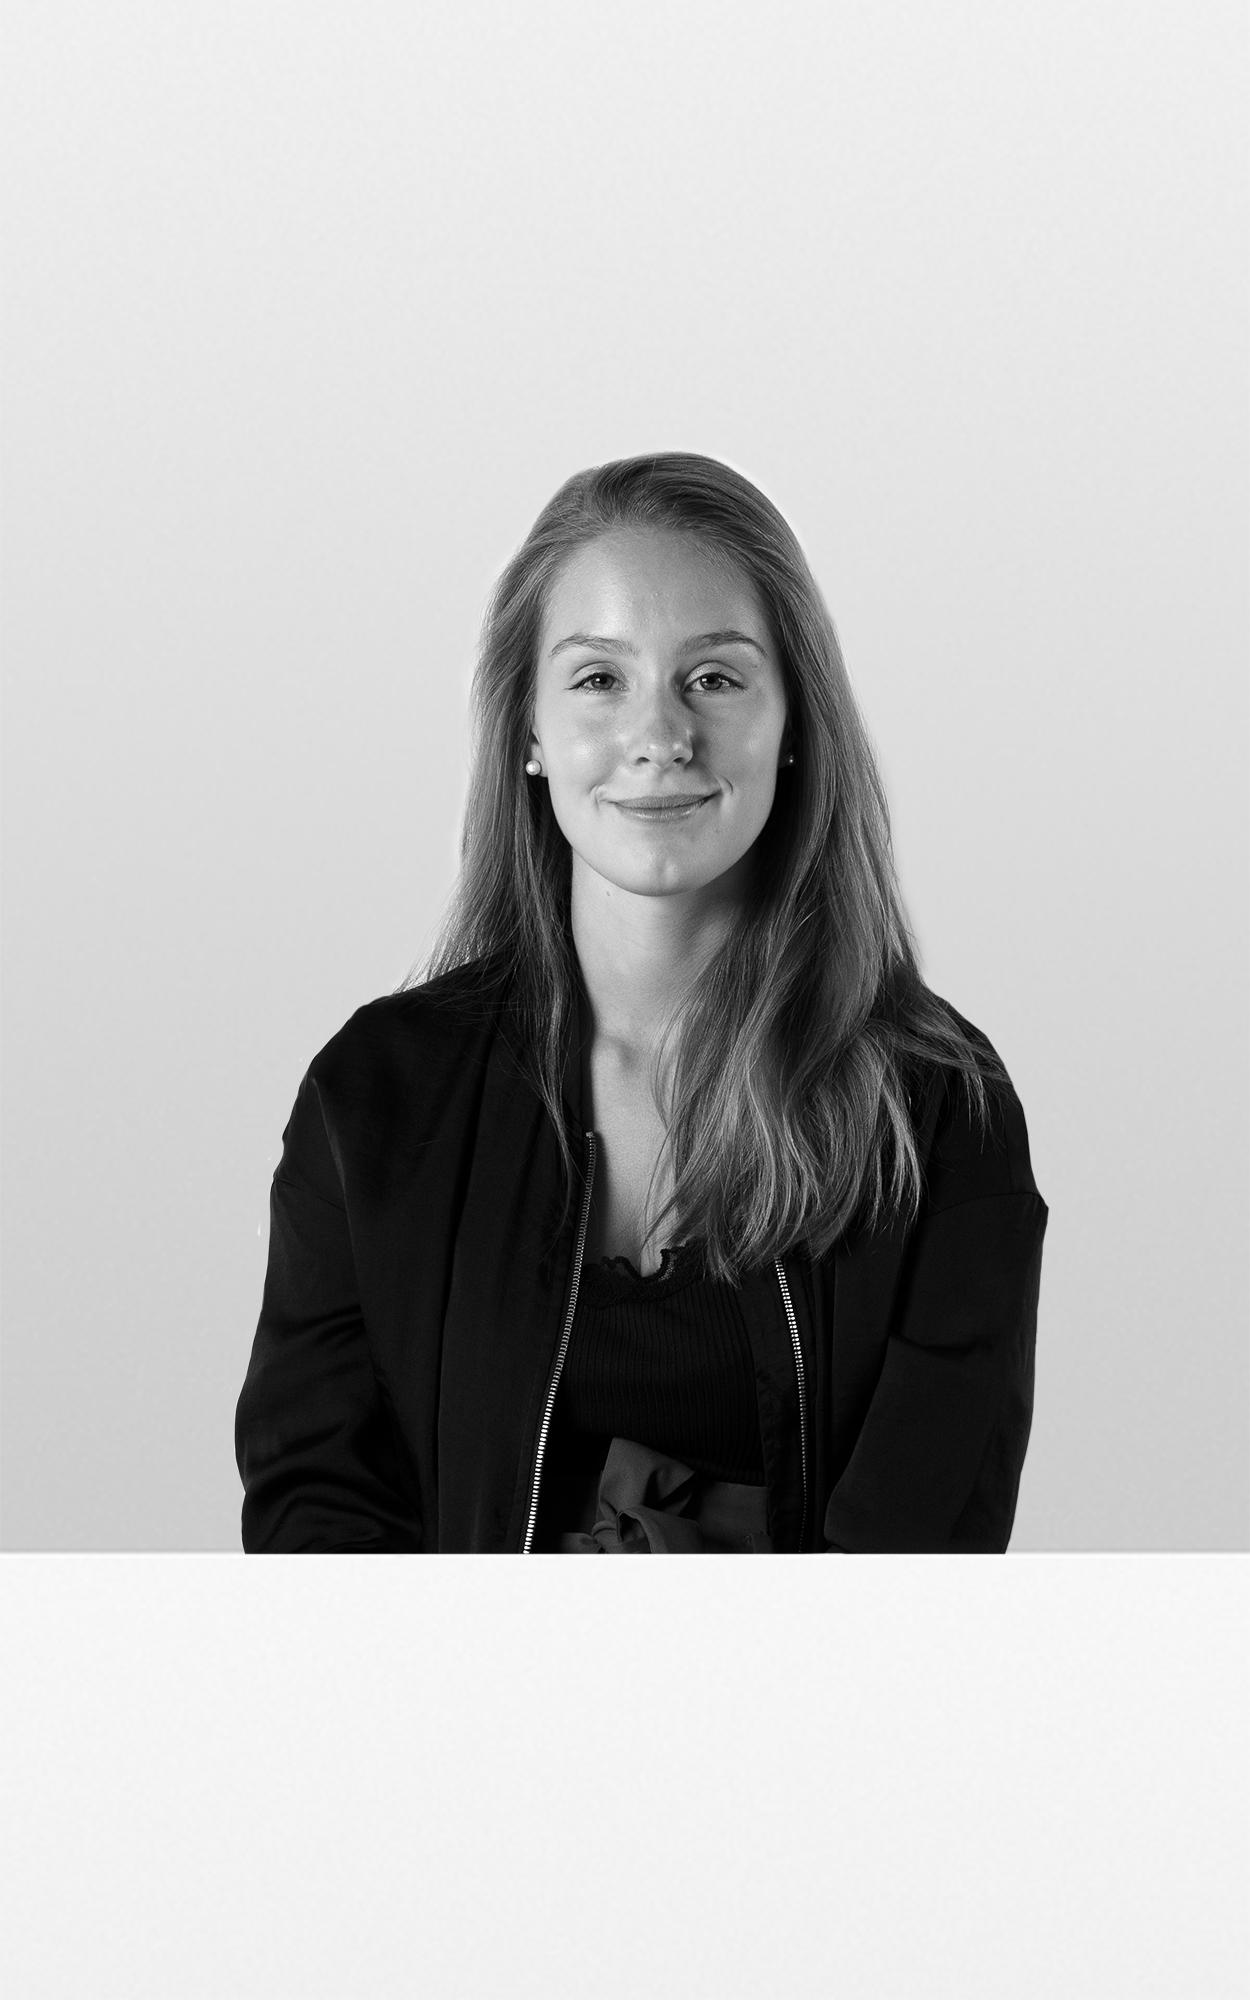 Laura Prokopczuk